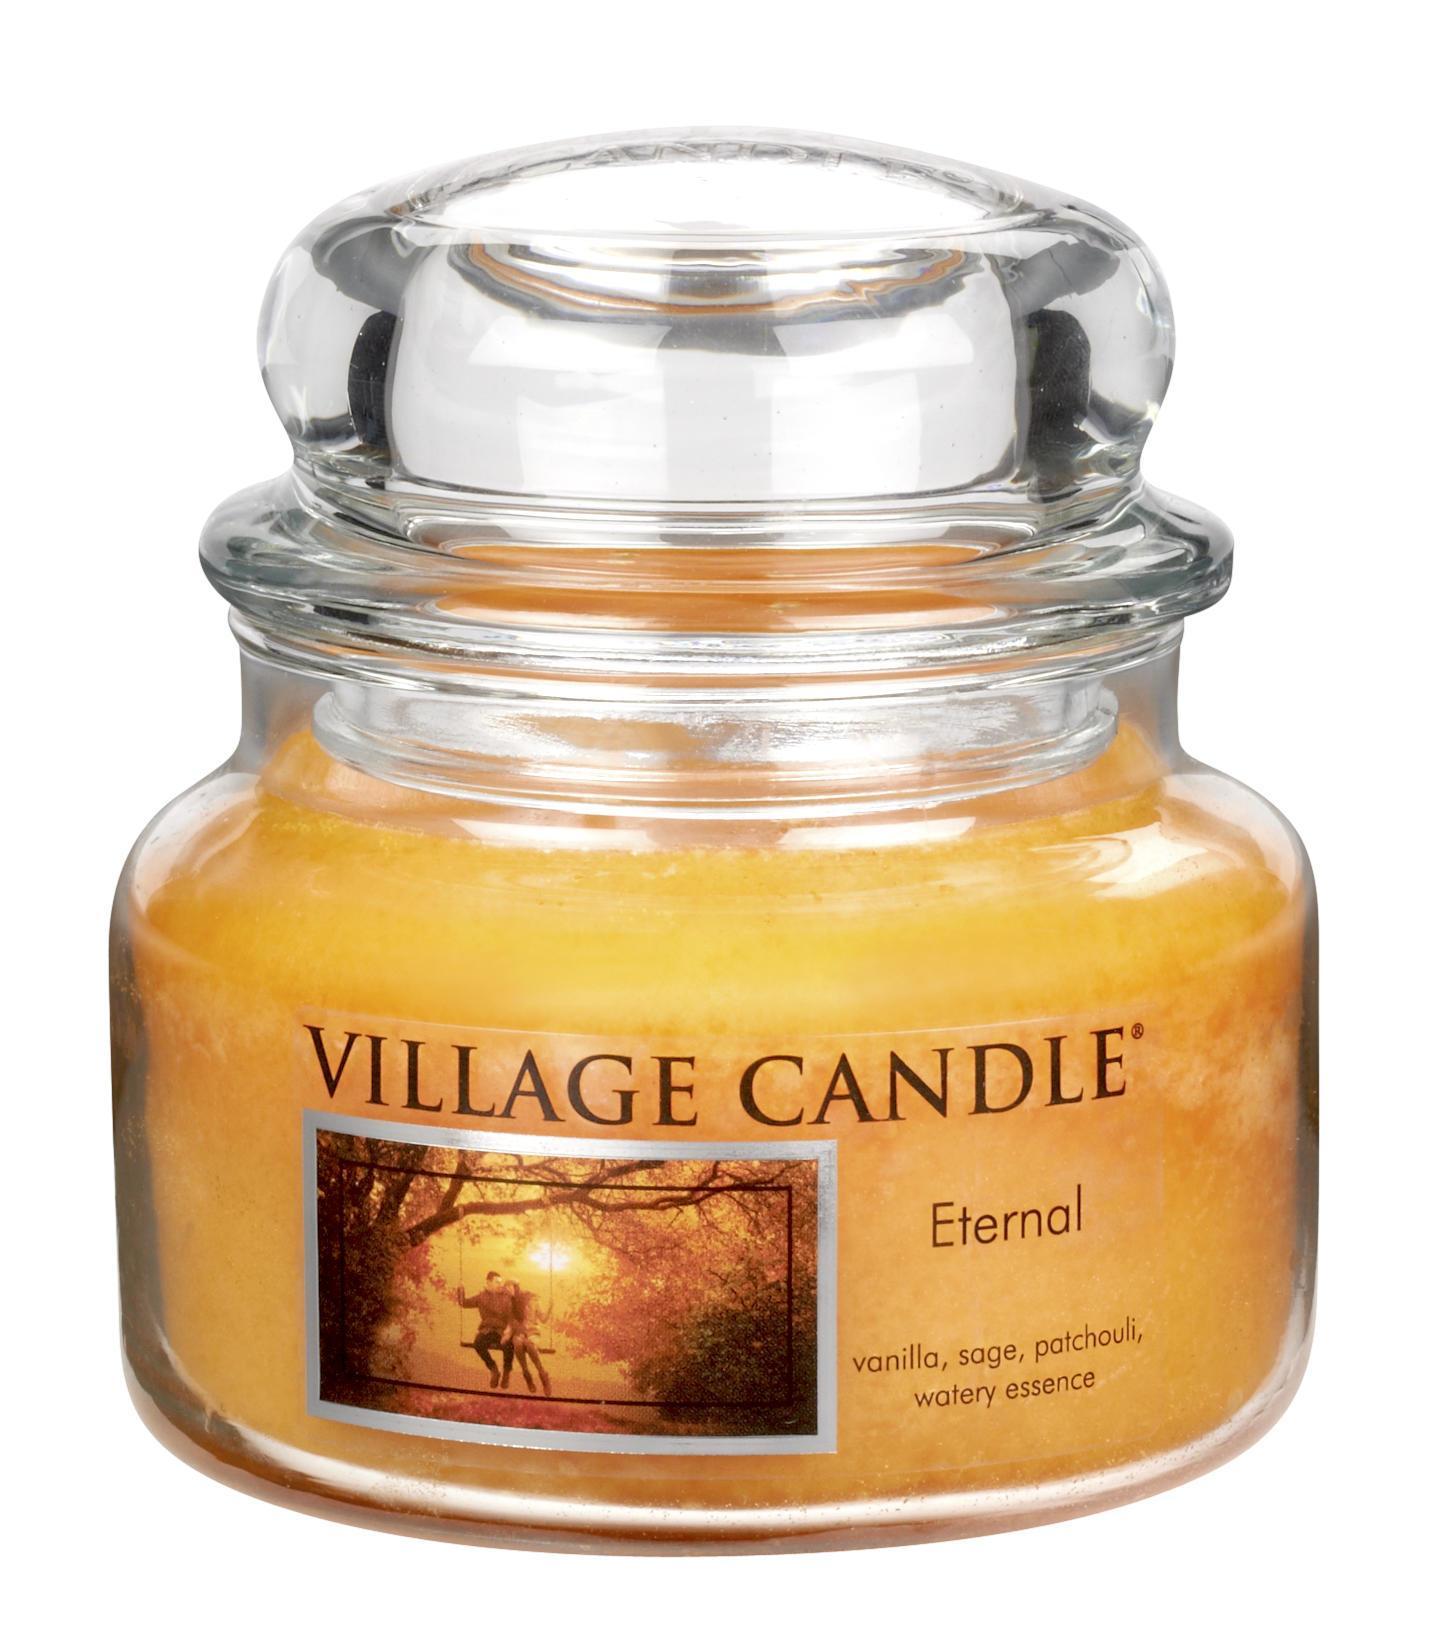 VILLAGE CANDLE Svíčka ve skle Eternal - malá, oranžová barva, sklo